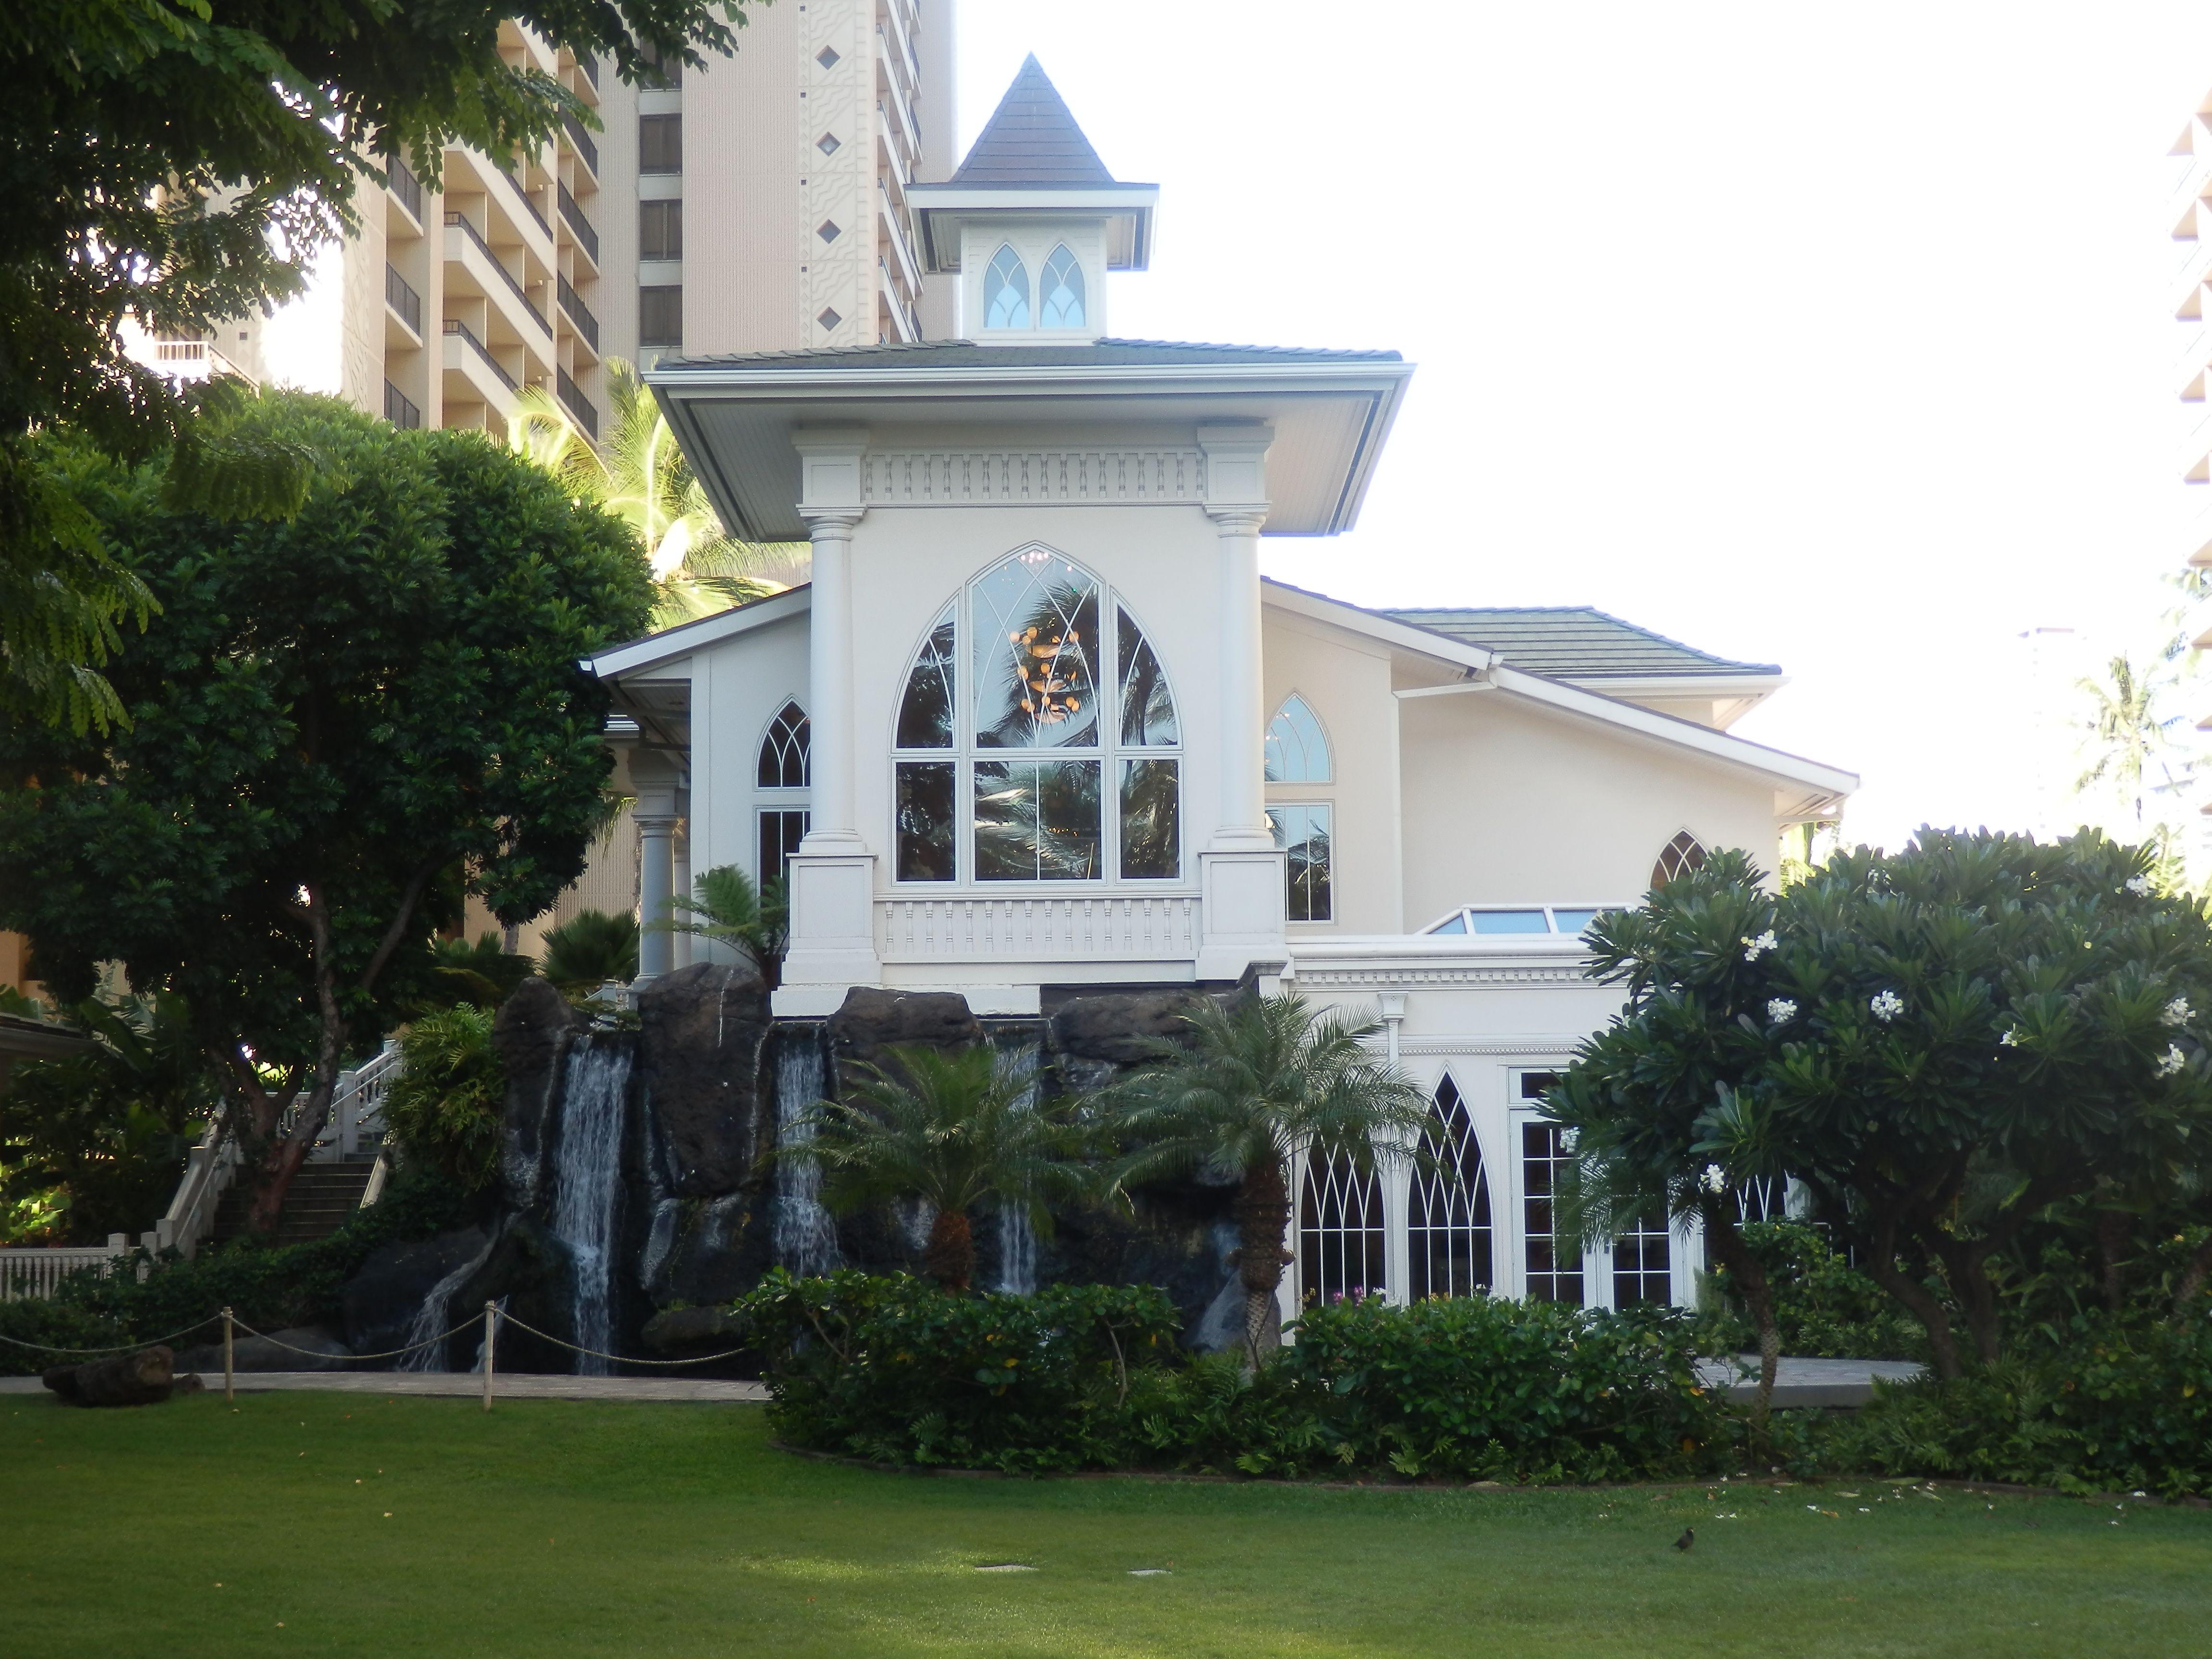 Wedding Chapel At The Hilton Hawaiian Village Honolulu Hawaii Usa Hilton Hawaiian Village Honolulu Hawaii